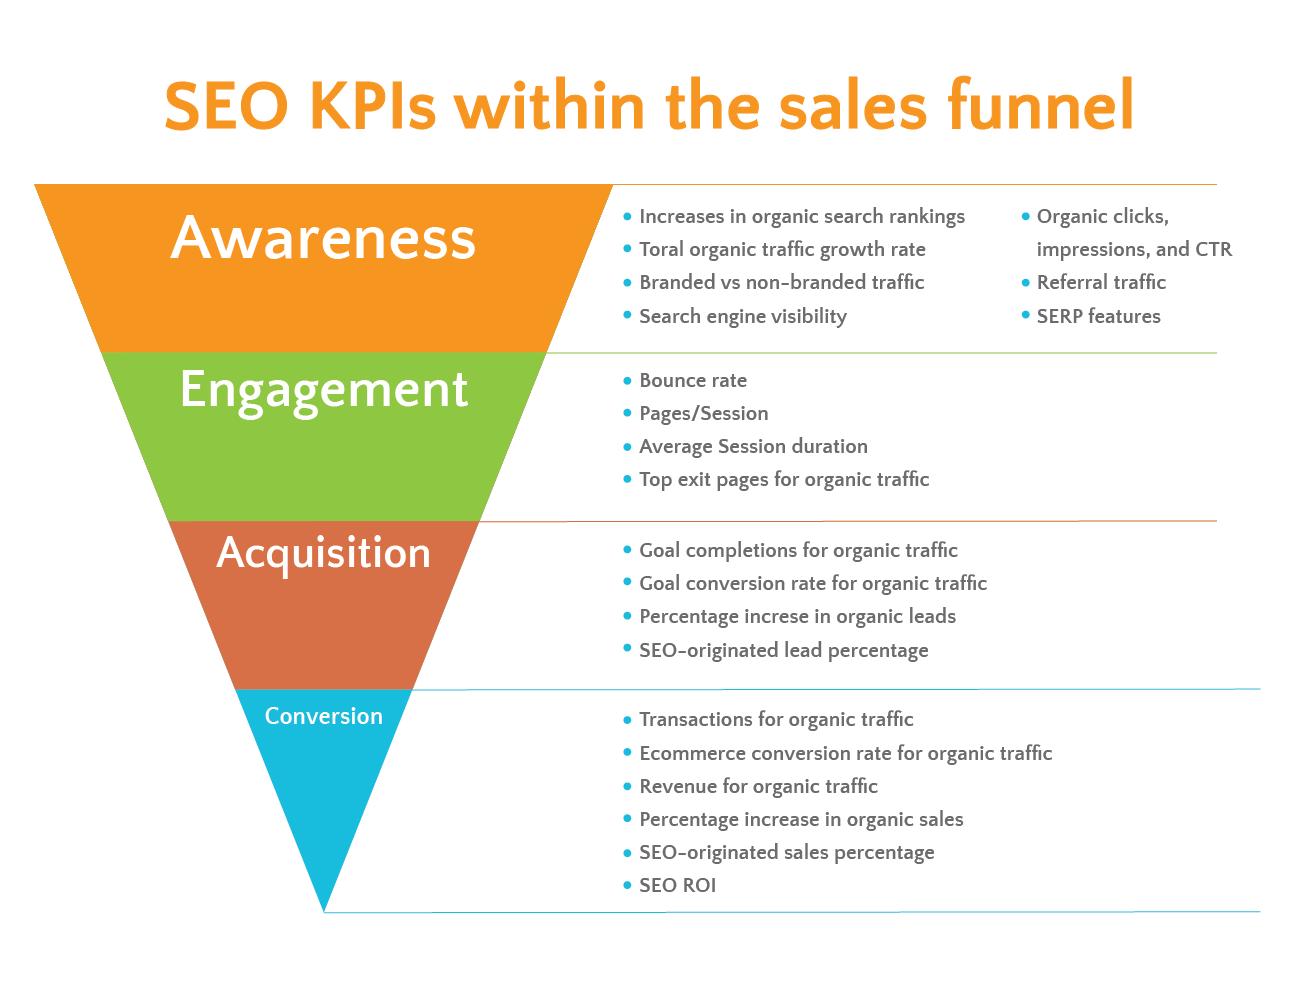 SEO KPI Funnel